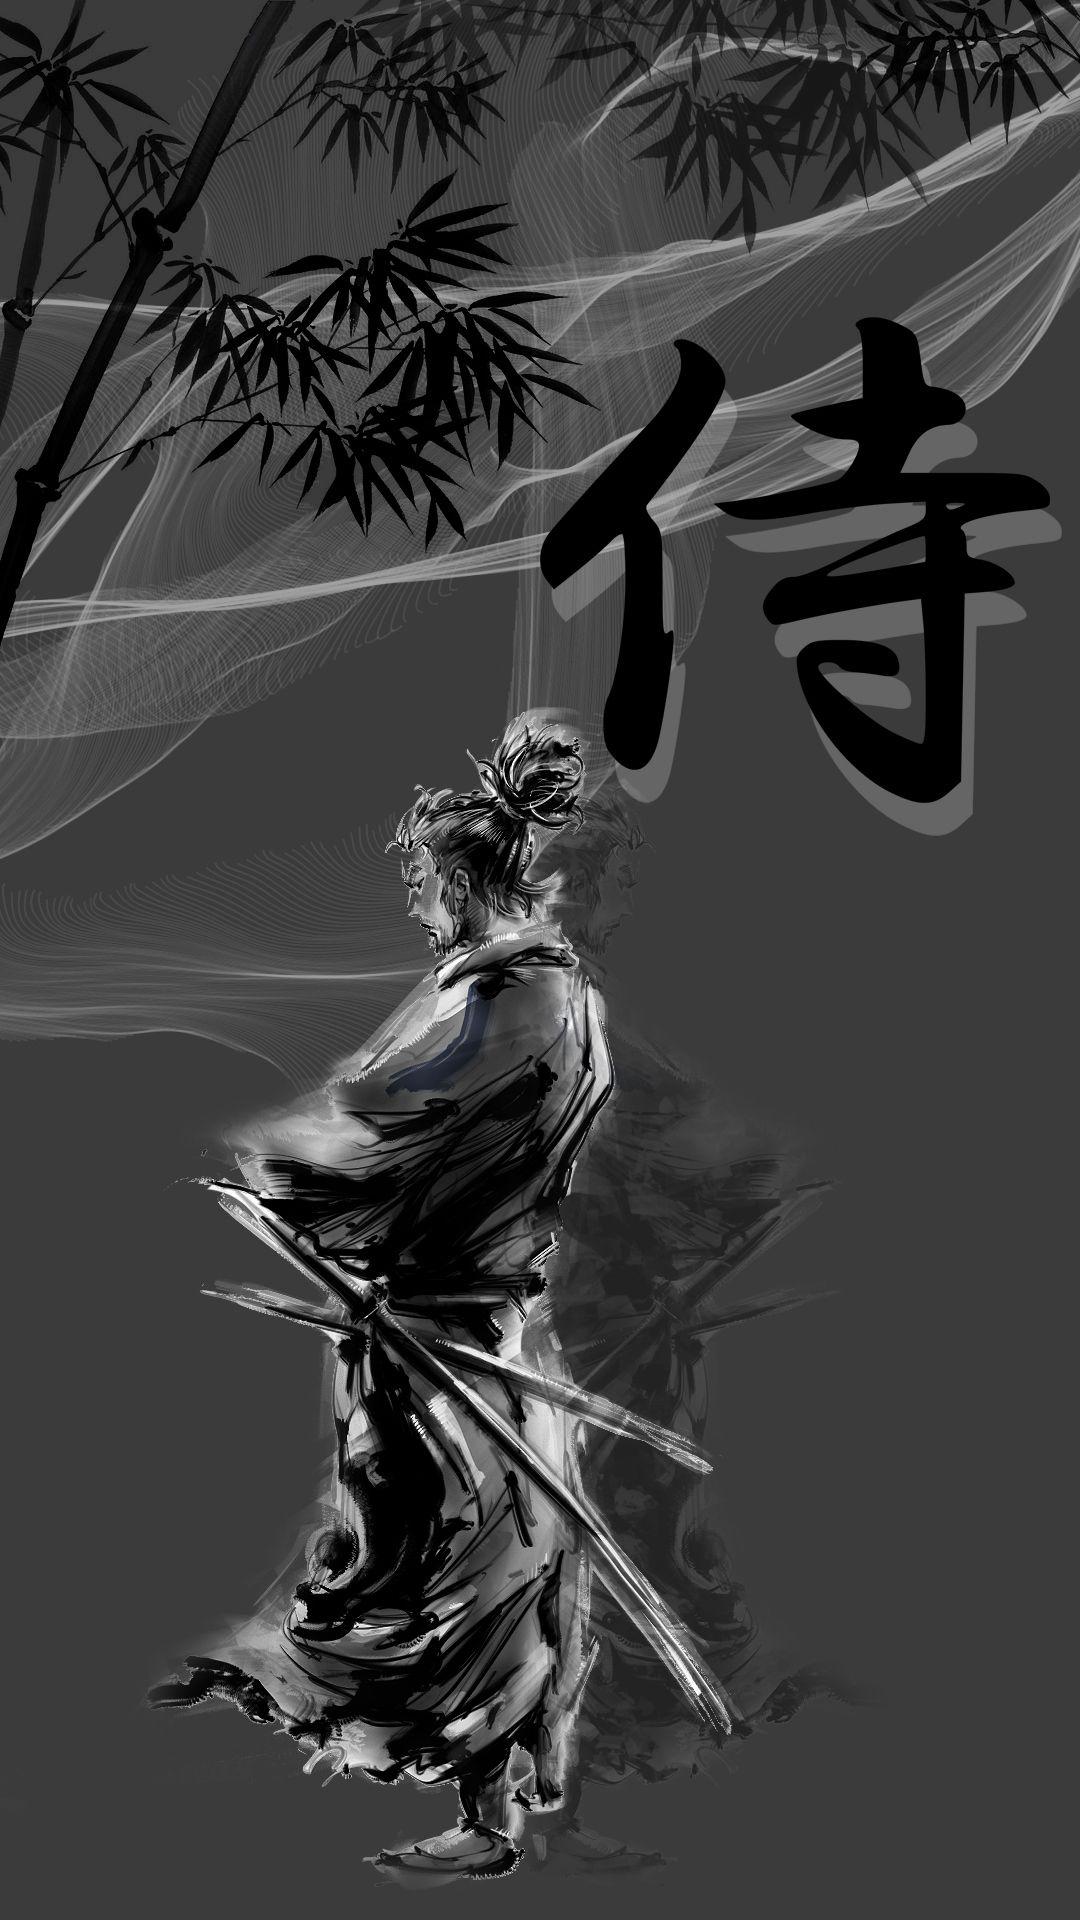 Samurai Mobile Hd Wallpaper In 2020 Samurai Wallpaper Fantasy Samurai Joker Iphone Wallpaper